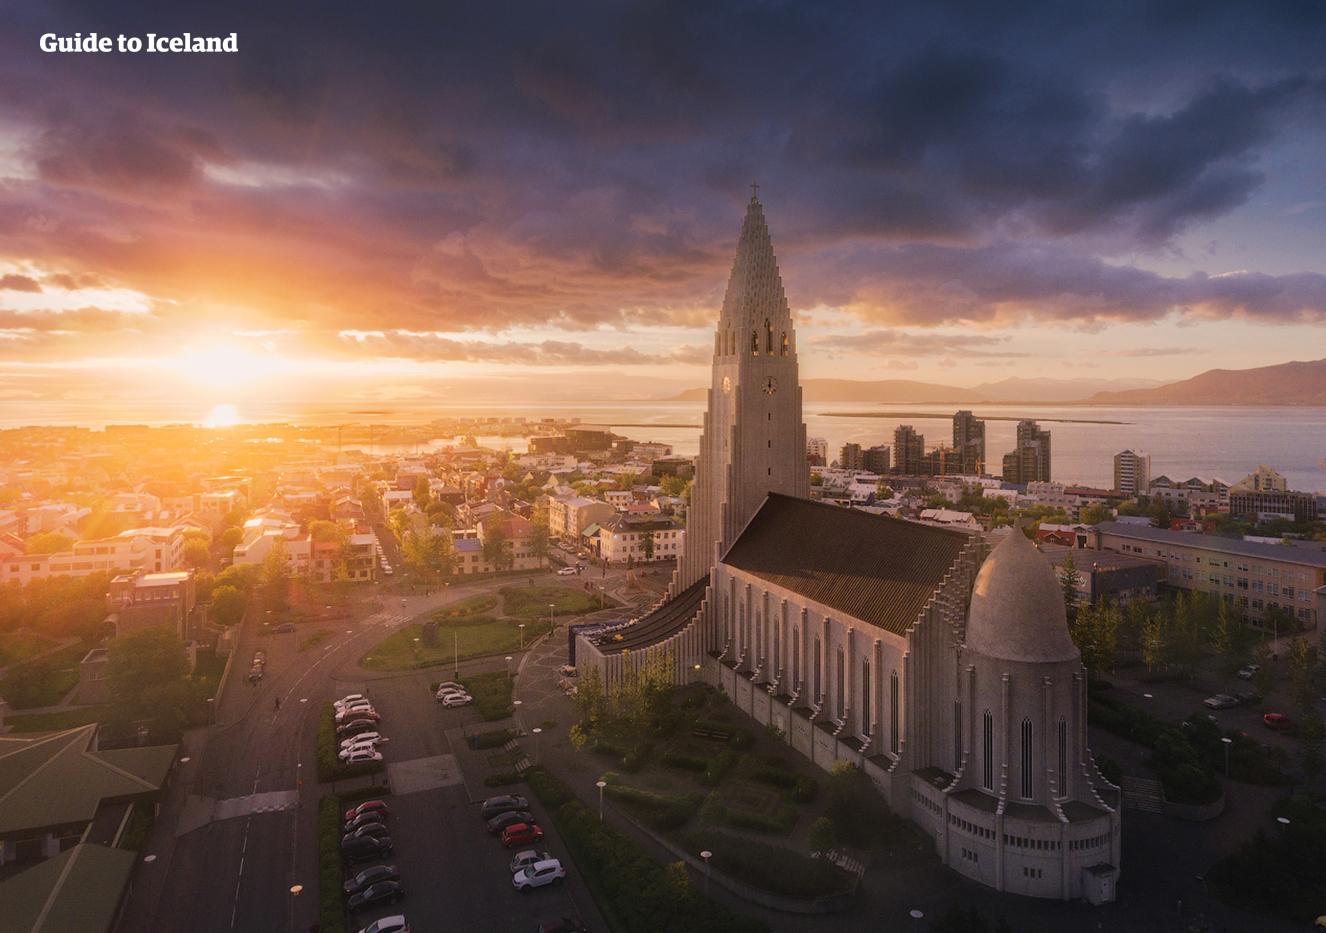 Mycket av Island är täckt av ömtålig isländsk mossa. Om den skadas kan det ta årtionden för den att växa tillbaka, vilket är en av anledningarna till att du ska undvika att trampa på den.